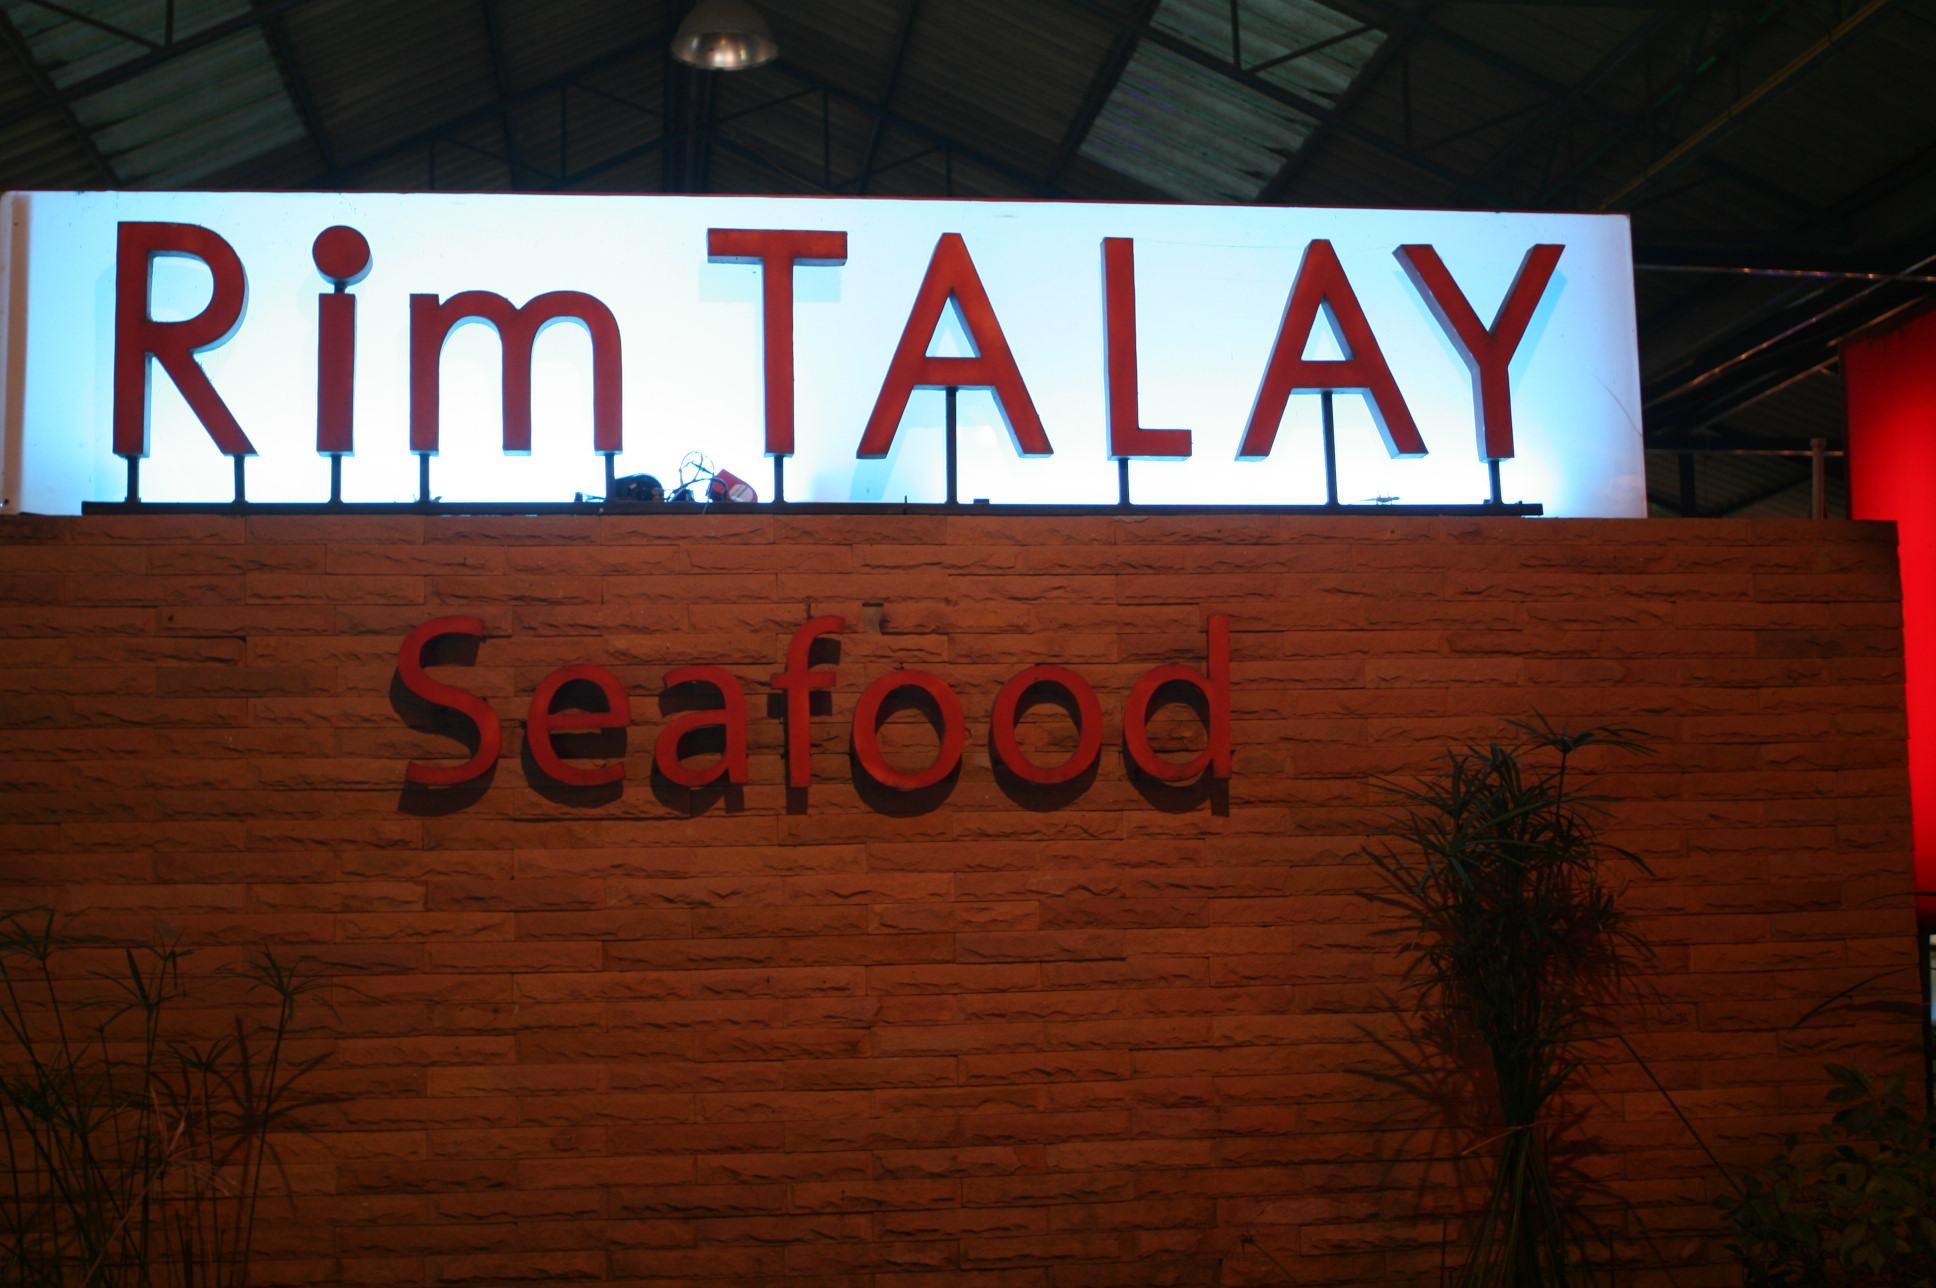 Rim Talay